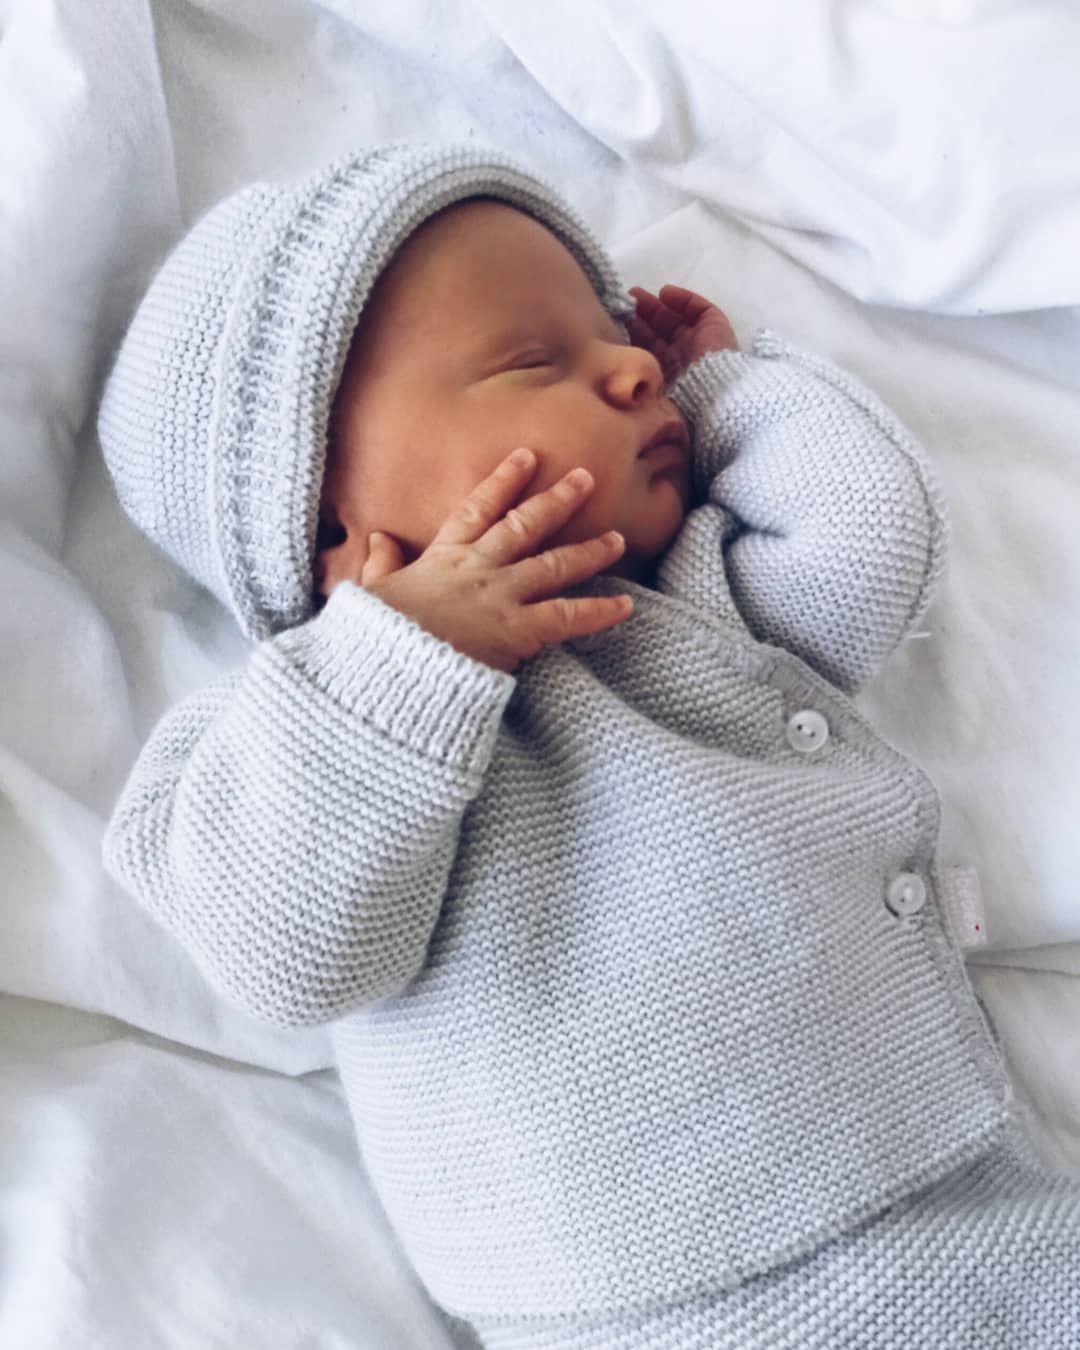 """Photo of Cécilia & ses minis boys on Instagram: """"Rendez-vous des 15 jours aujourd'hui pour Baby Gabriel ! Ce qui tombe bien parce qu'il a un œil qui coule… & Je crois qu'il va nous faire…"""""""